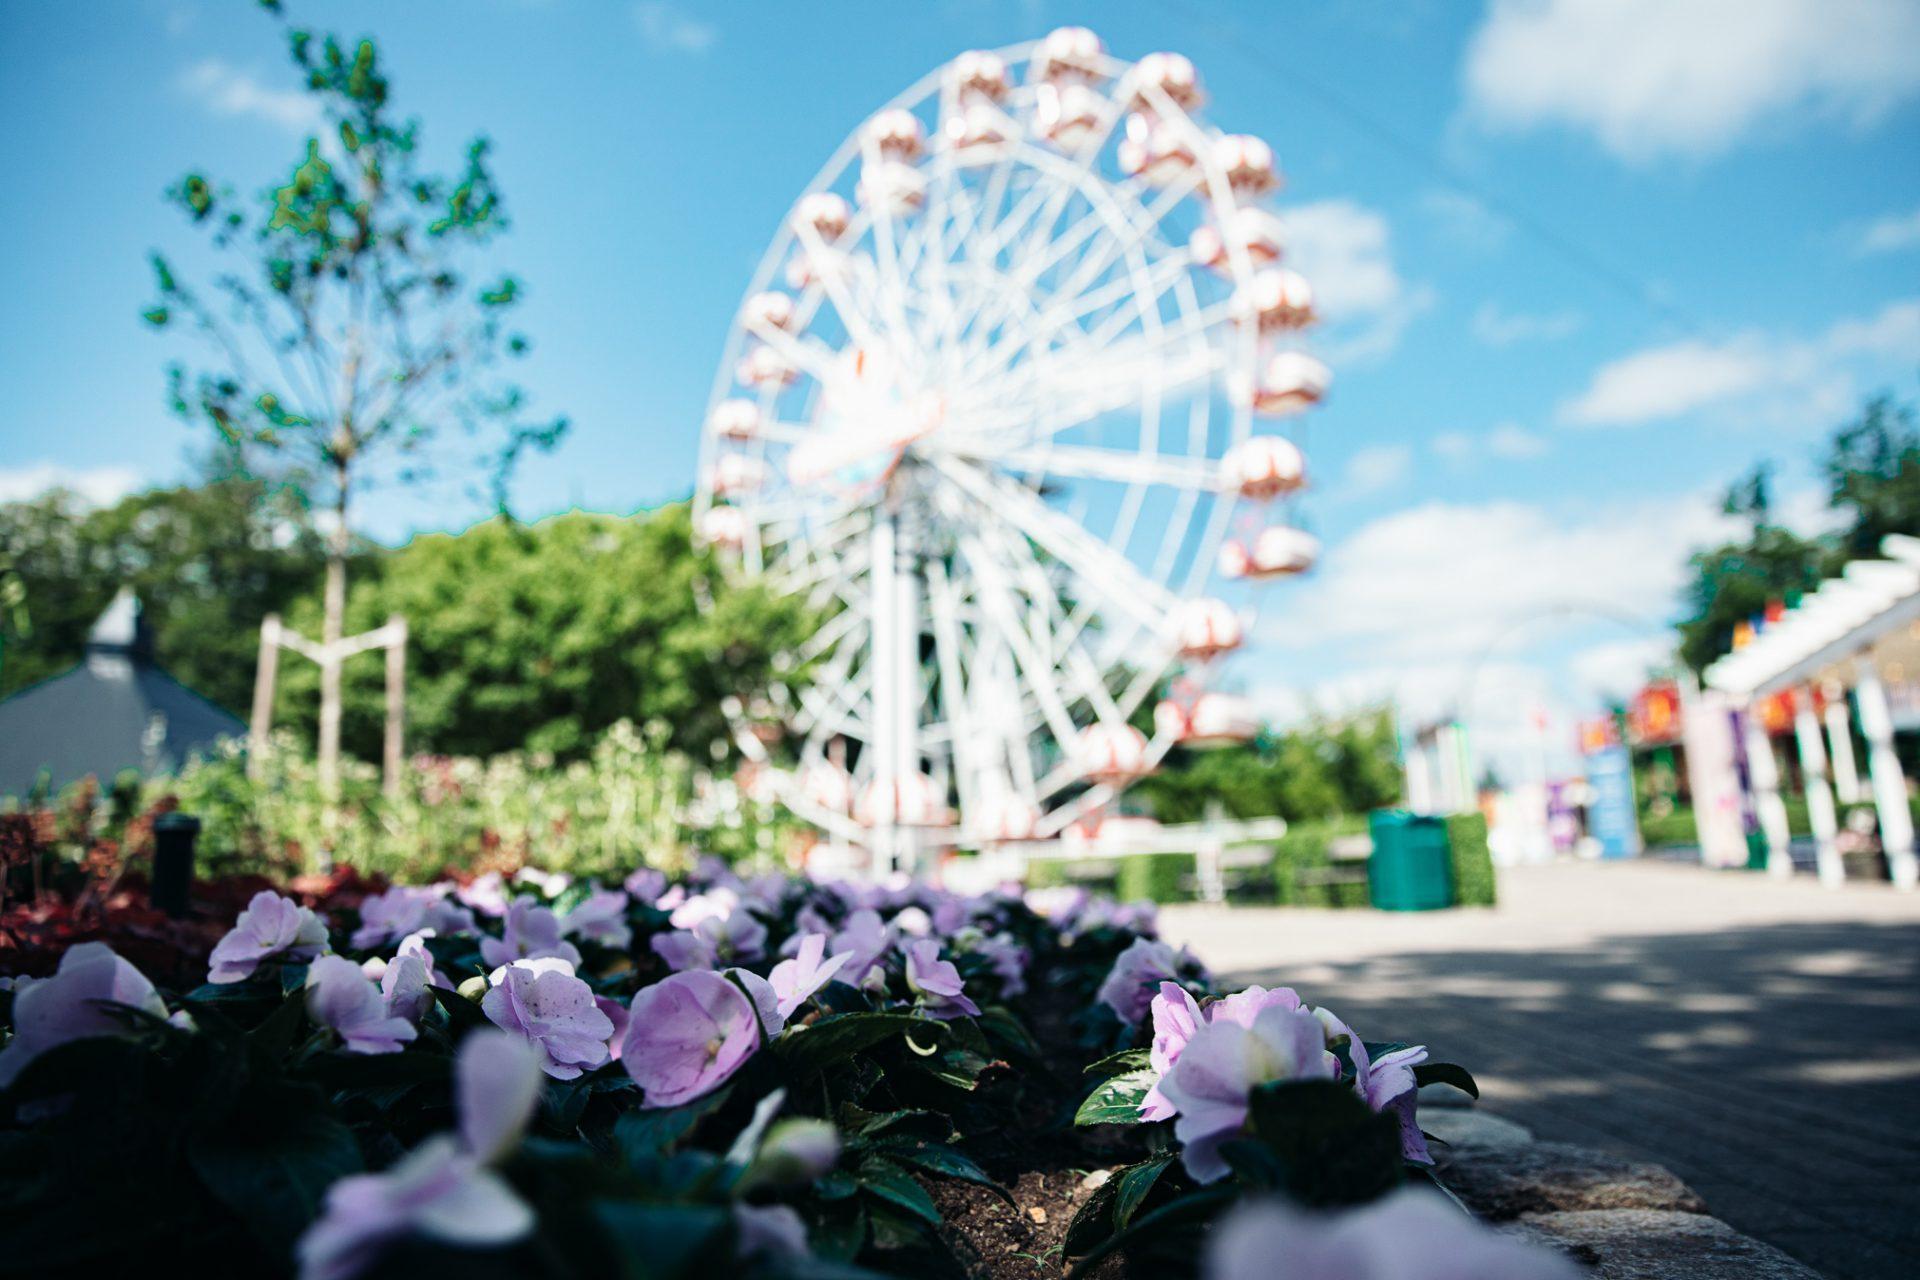 Tivoli Frihedens Blomsterfestival er en publikumssucces: Forlænger til resten af skoleferien